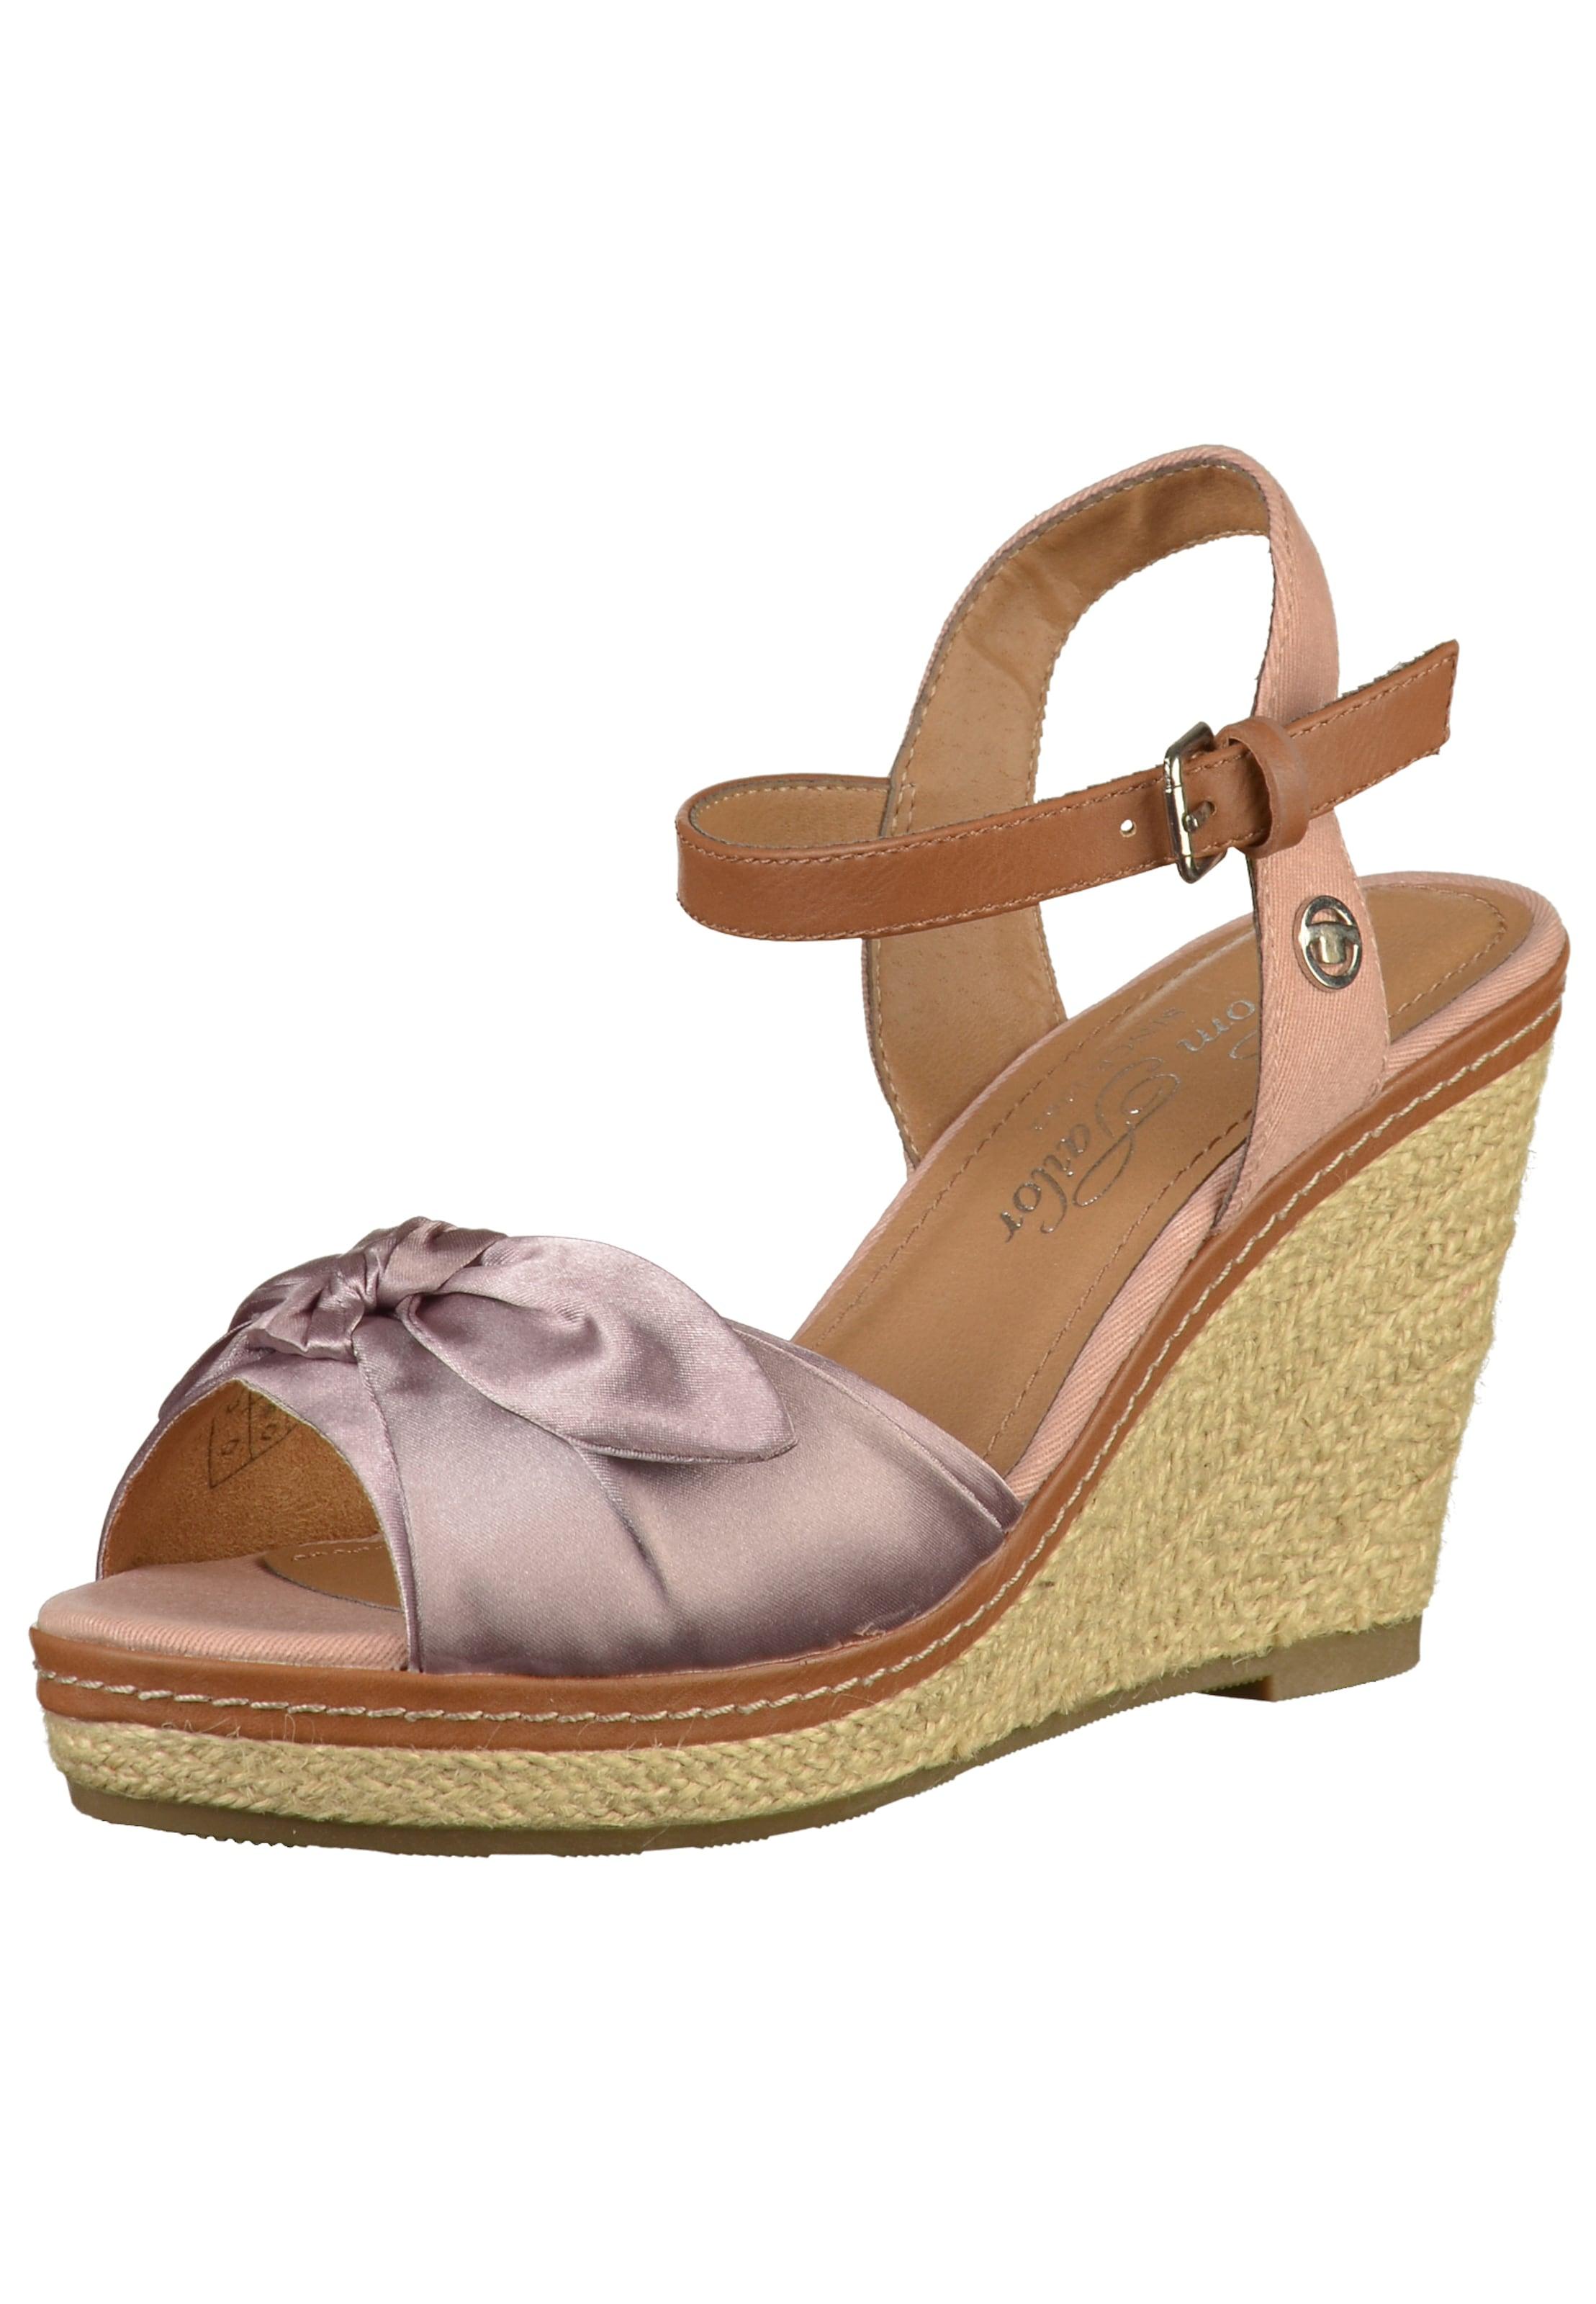 TOM TAILOR Sandalen Verschleißfeste billige Schuhe